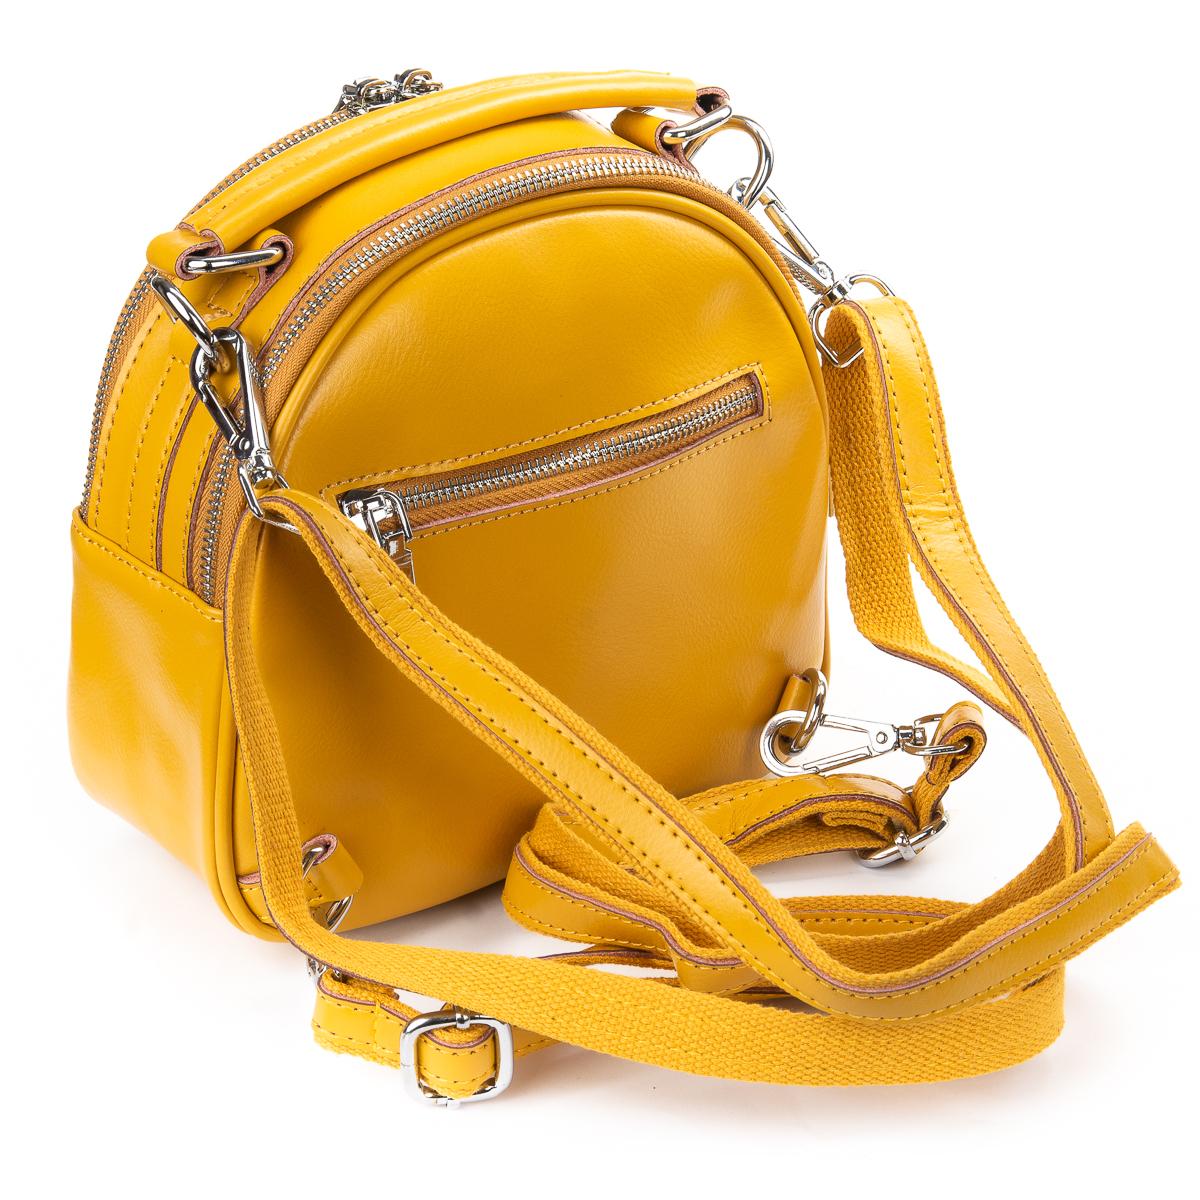 Сумка Женская Клатч кожа ALEX RAI 010-1 339 yellow - фото 4